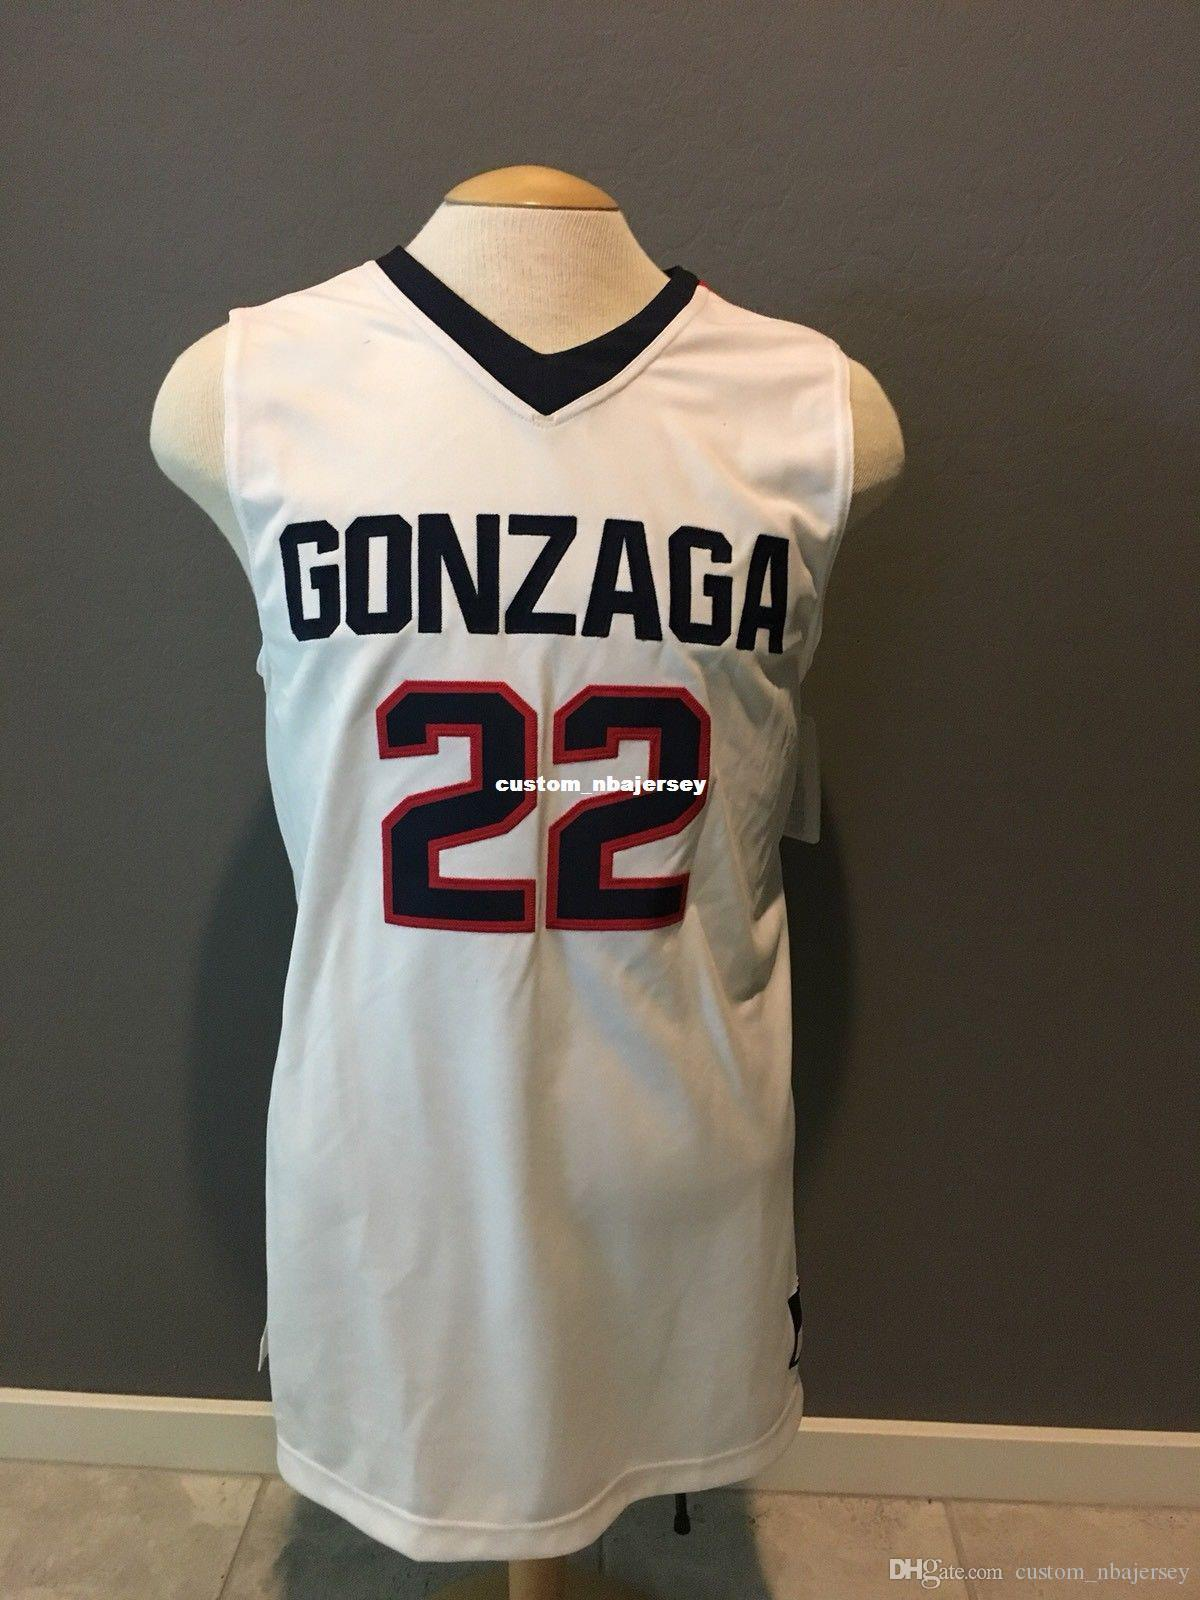 barato costume NOVO Gonzaga Bulldogs Basketball Jersey costurado Personalizar qualquer nome número HOMENS MULHERES JOVENS XS-5XL